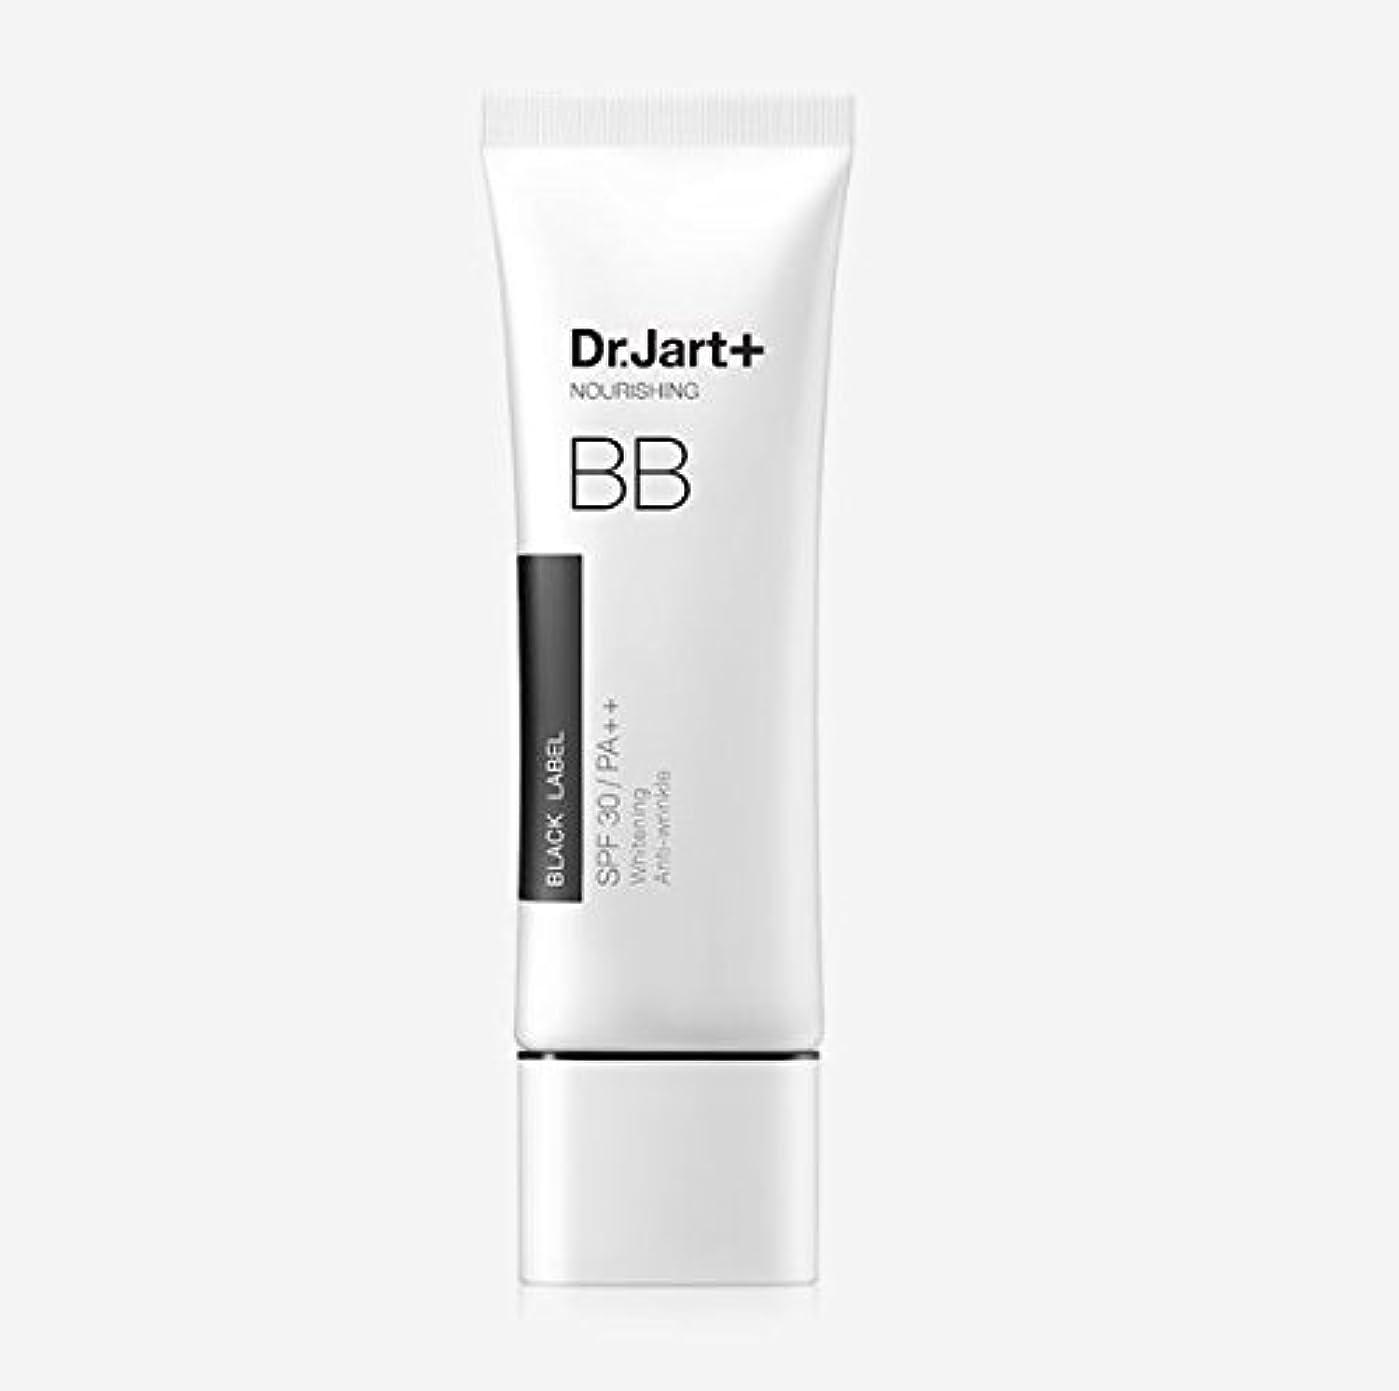 効率的蓋カッター[Dr. Jart] Black Label BB Nourishing Beauty Balm 50ml SPF30 PA++/[ドクタージャルト] ブラックラベル BB ナリーシン ビューティー バーム 50ml SPF30 PA++ [並行輸入品]